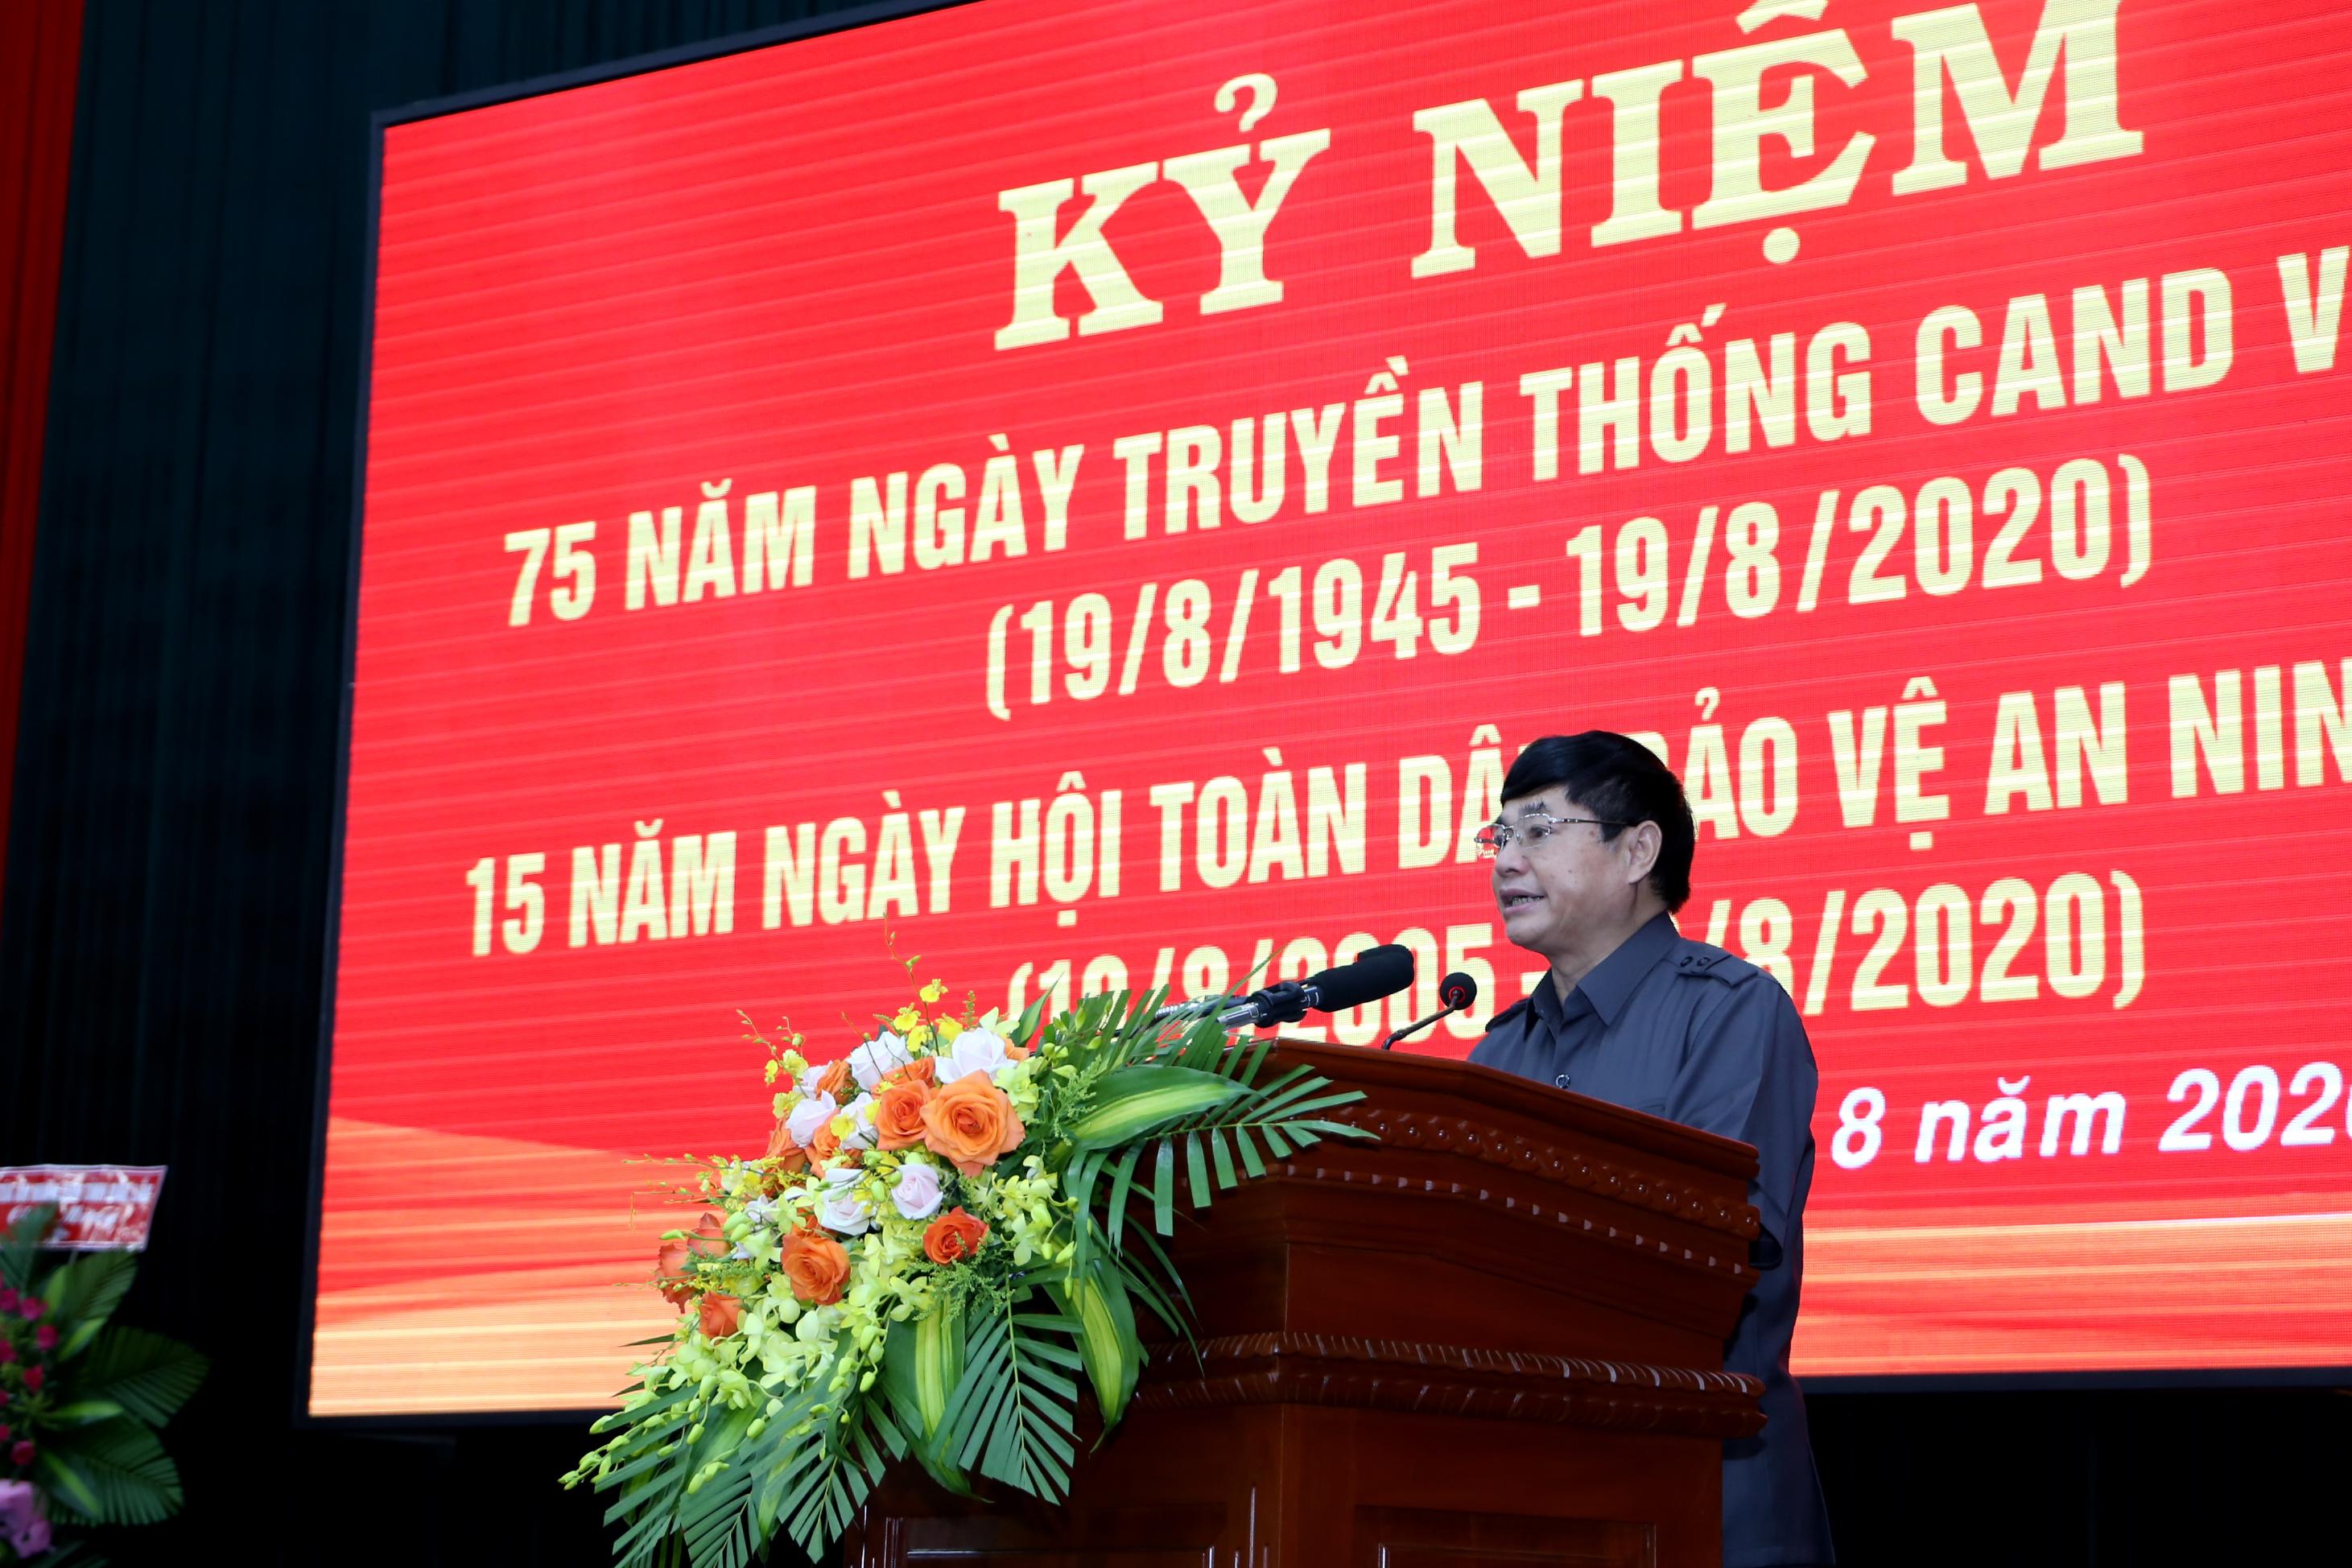 Lễ Kỷ niệm 75 năm Ngày truyền thống Công an Nhân dân Việt Nam và 15 năm Ngày hội toàn dân Bảo vệ An ninh Tổ quốc.